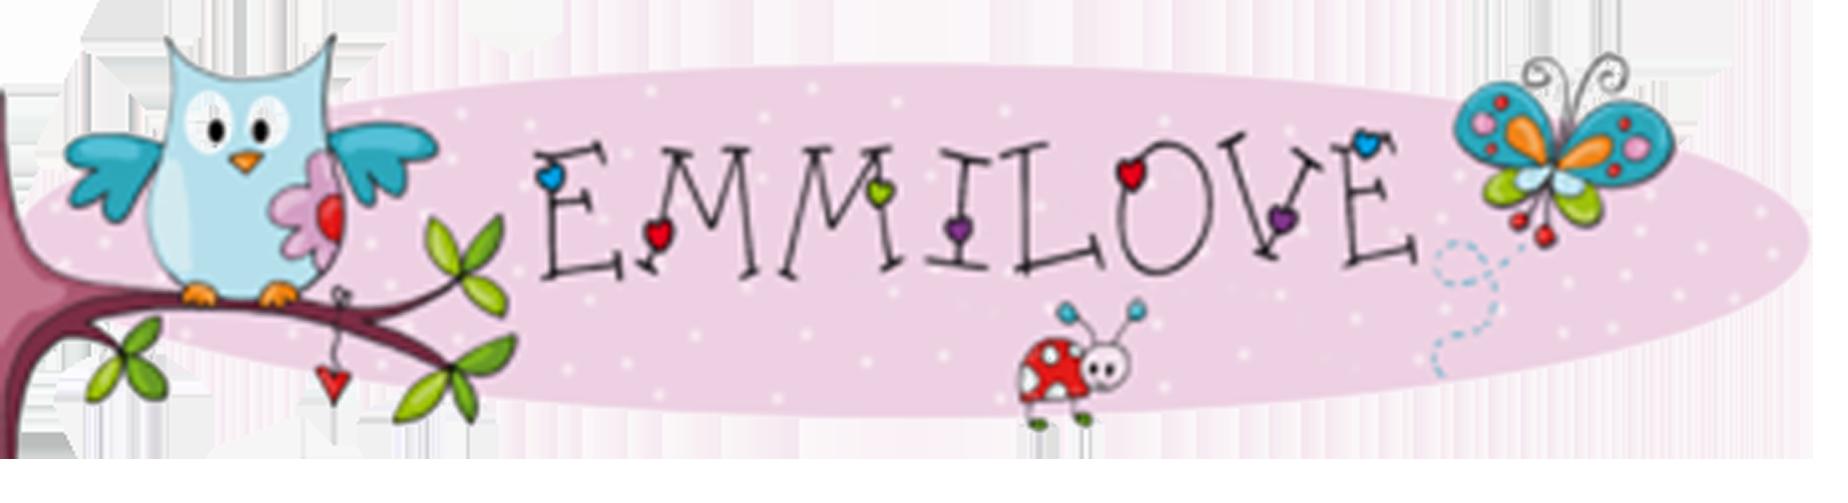 Emmilove